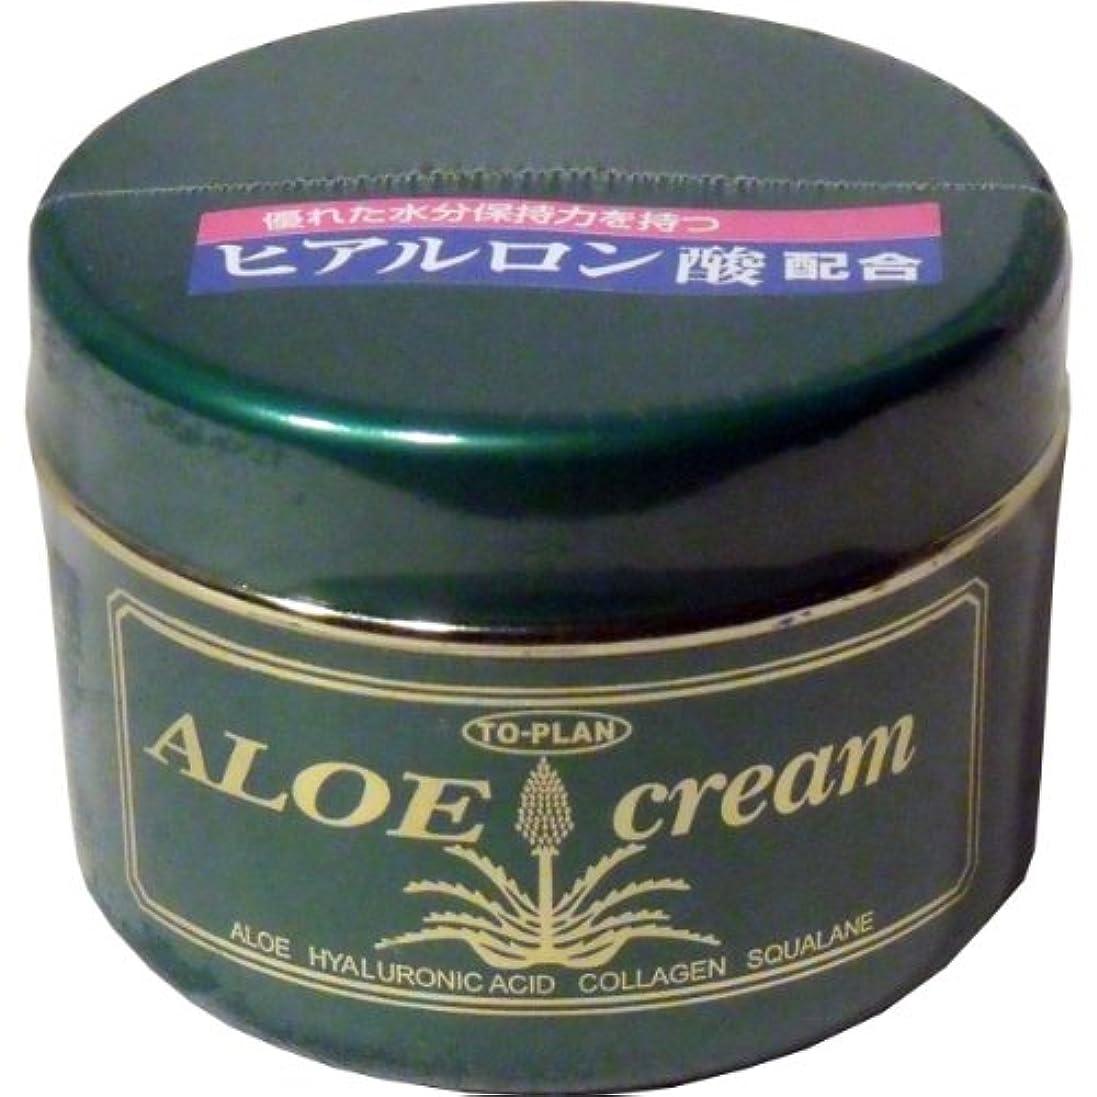 化学薬品おもちゃ発明トプラン ハーブフレッシュクリーム(アロエクリーム) ヒアルロン酸 170g ×6個セット